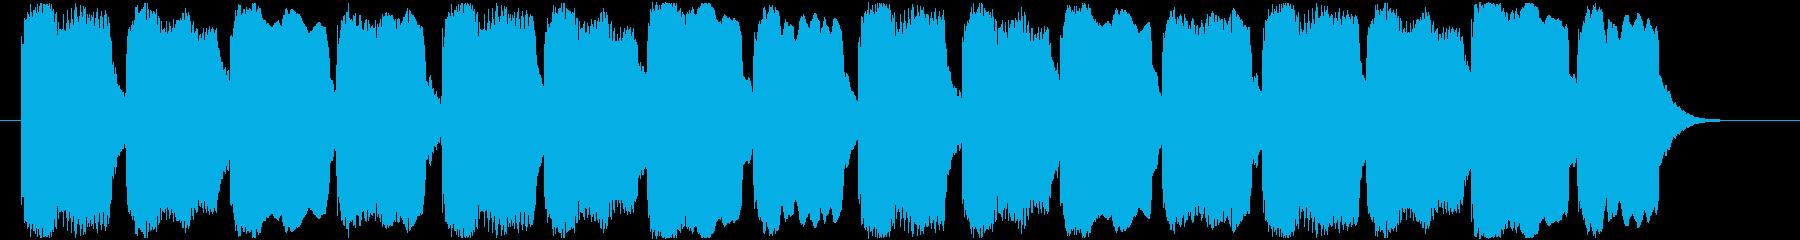 ミステリアスの再生済みの波形